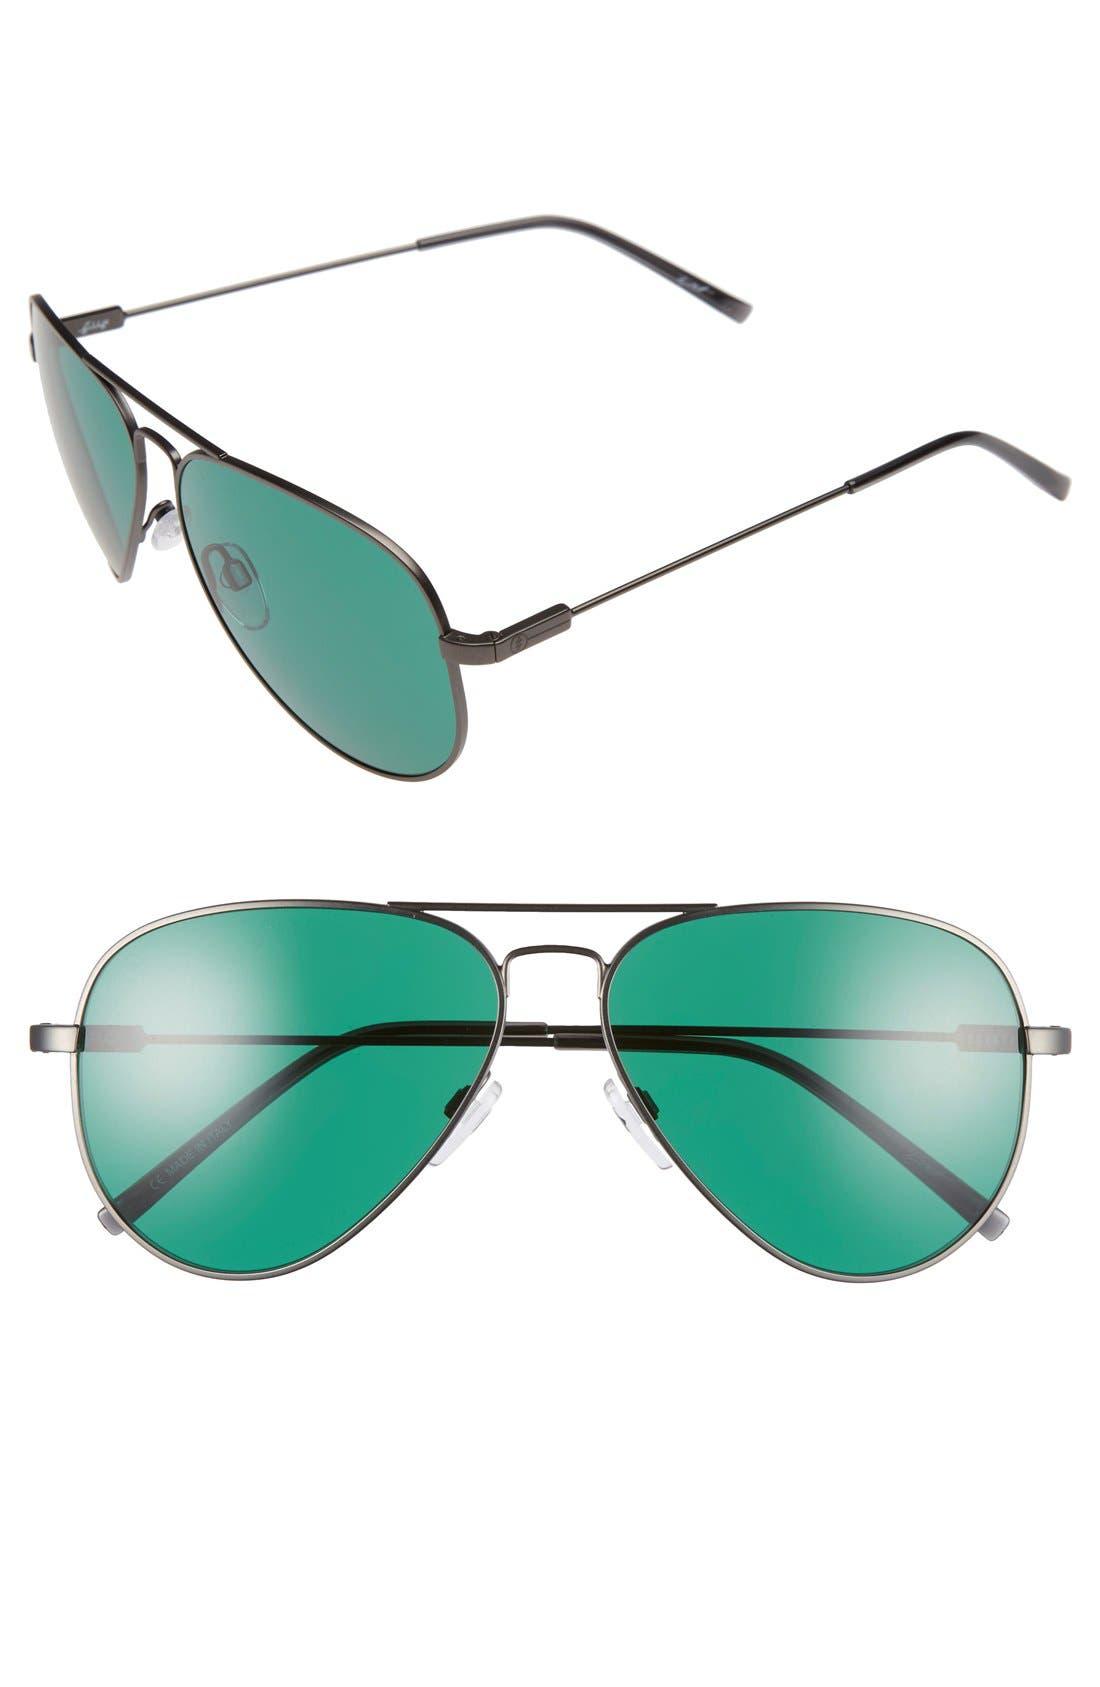 Main Image - ELECTRIC 'AV1' 58mm Sunglasses